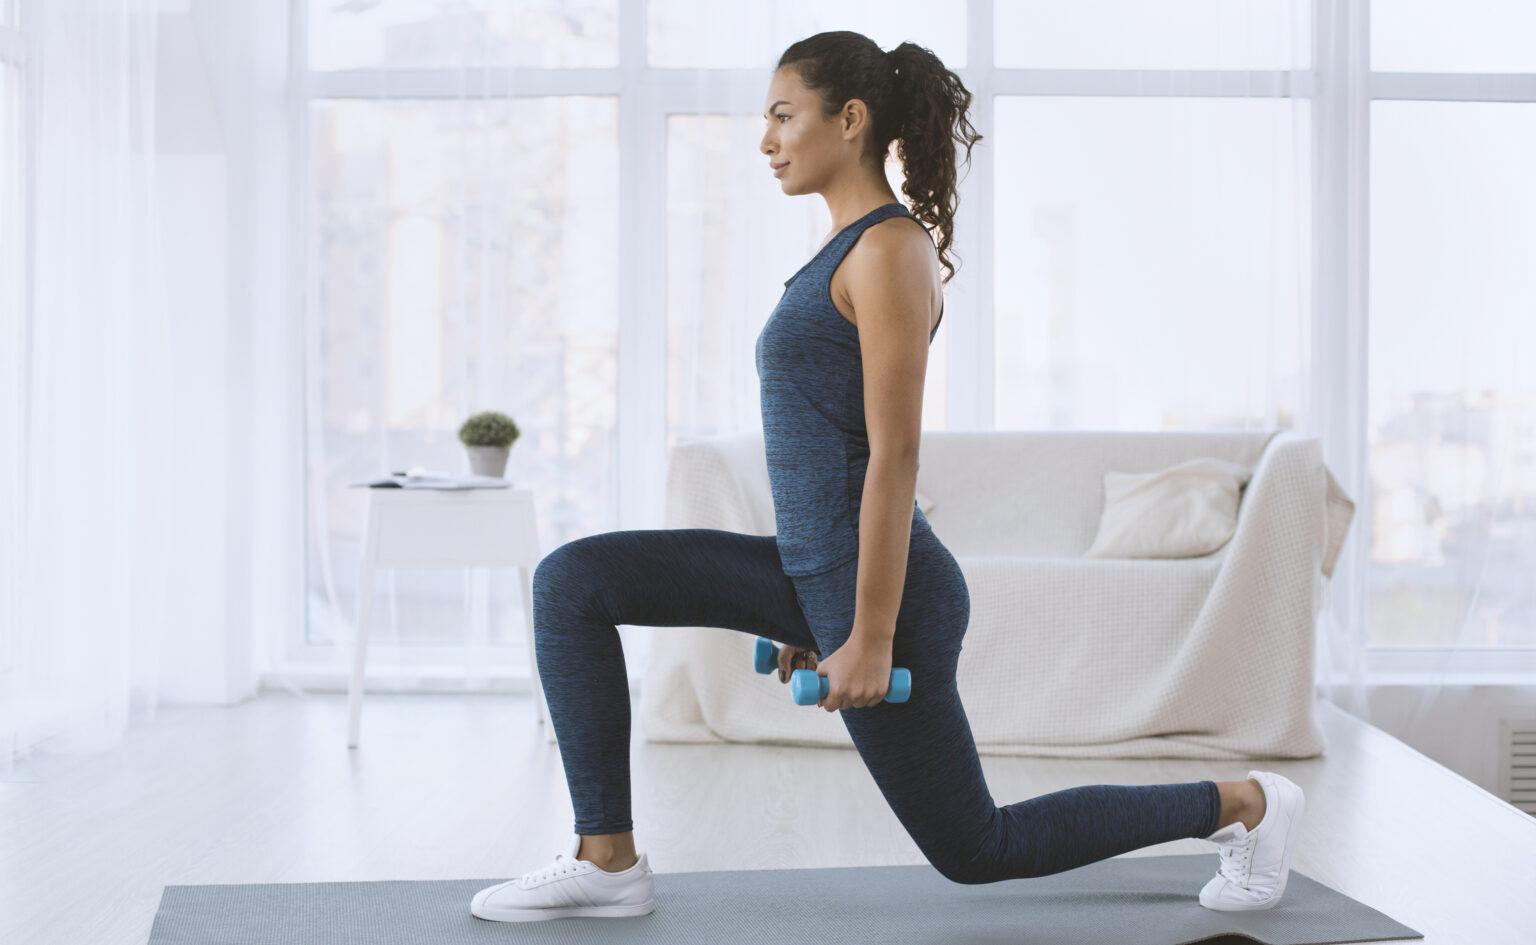 vježbanje-fitness-kalorije-čučnjevi-mršavljenje